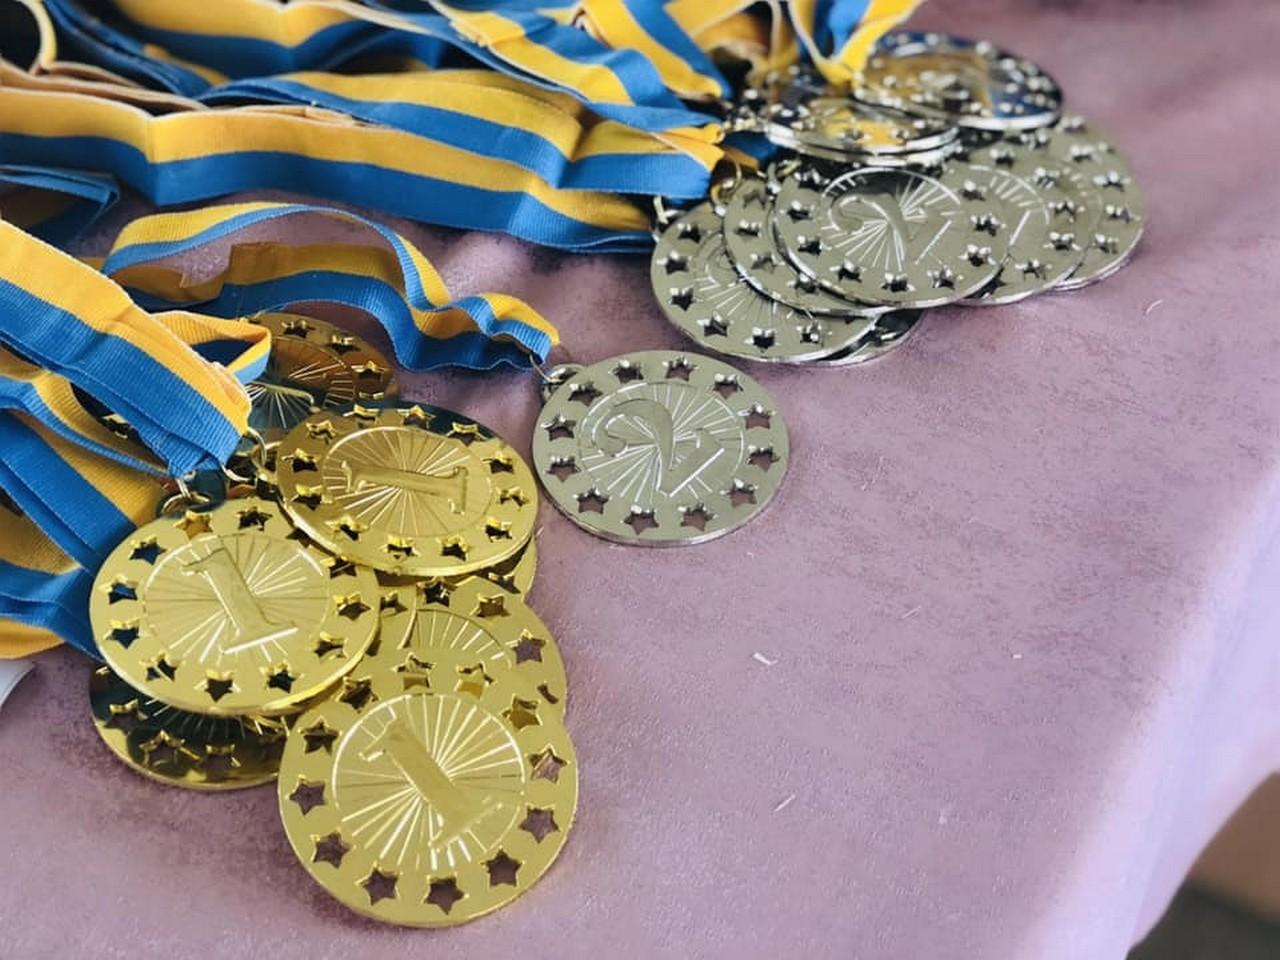 У Мукачеві відбулася відкрита першість з легкої атлетики. Змагалися спортсмени зі Львова, Воловця, Ужгорода, Тячева, Червонограда і Мукачева